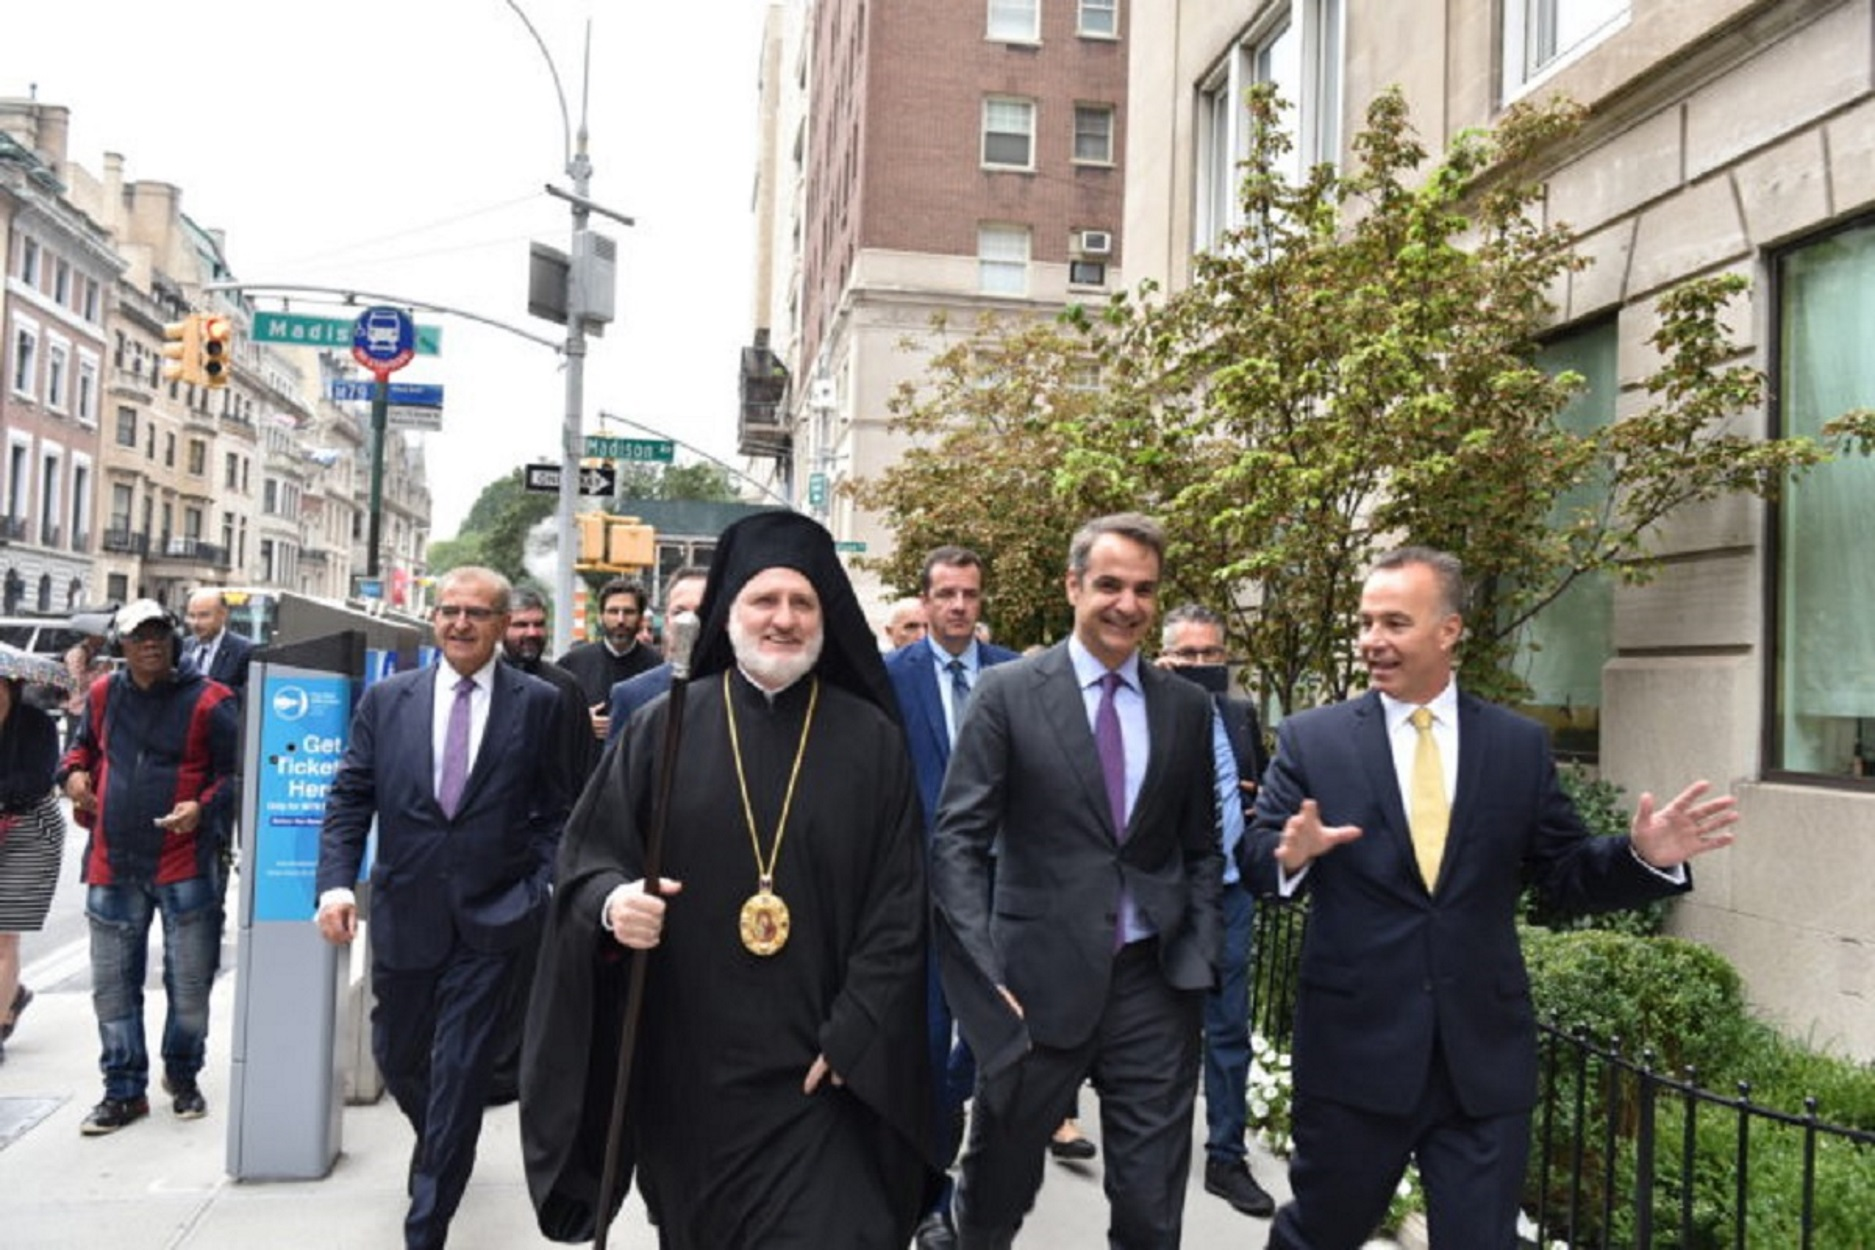 Μητσοτάκης και Αρχιεπίσκοπος Ελπιδοφόρος μαζί στο Ground Zero – Ξενάγηση στον Άγιο Νικόλαο